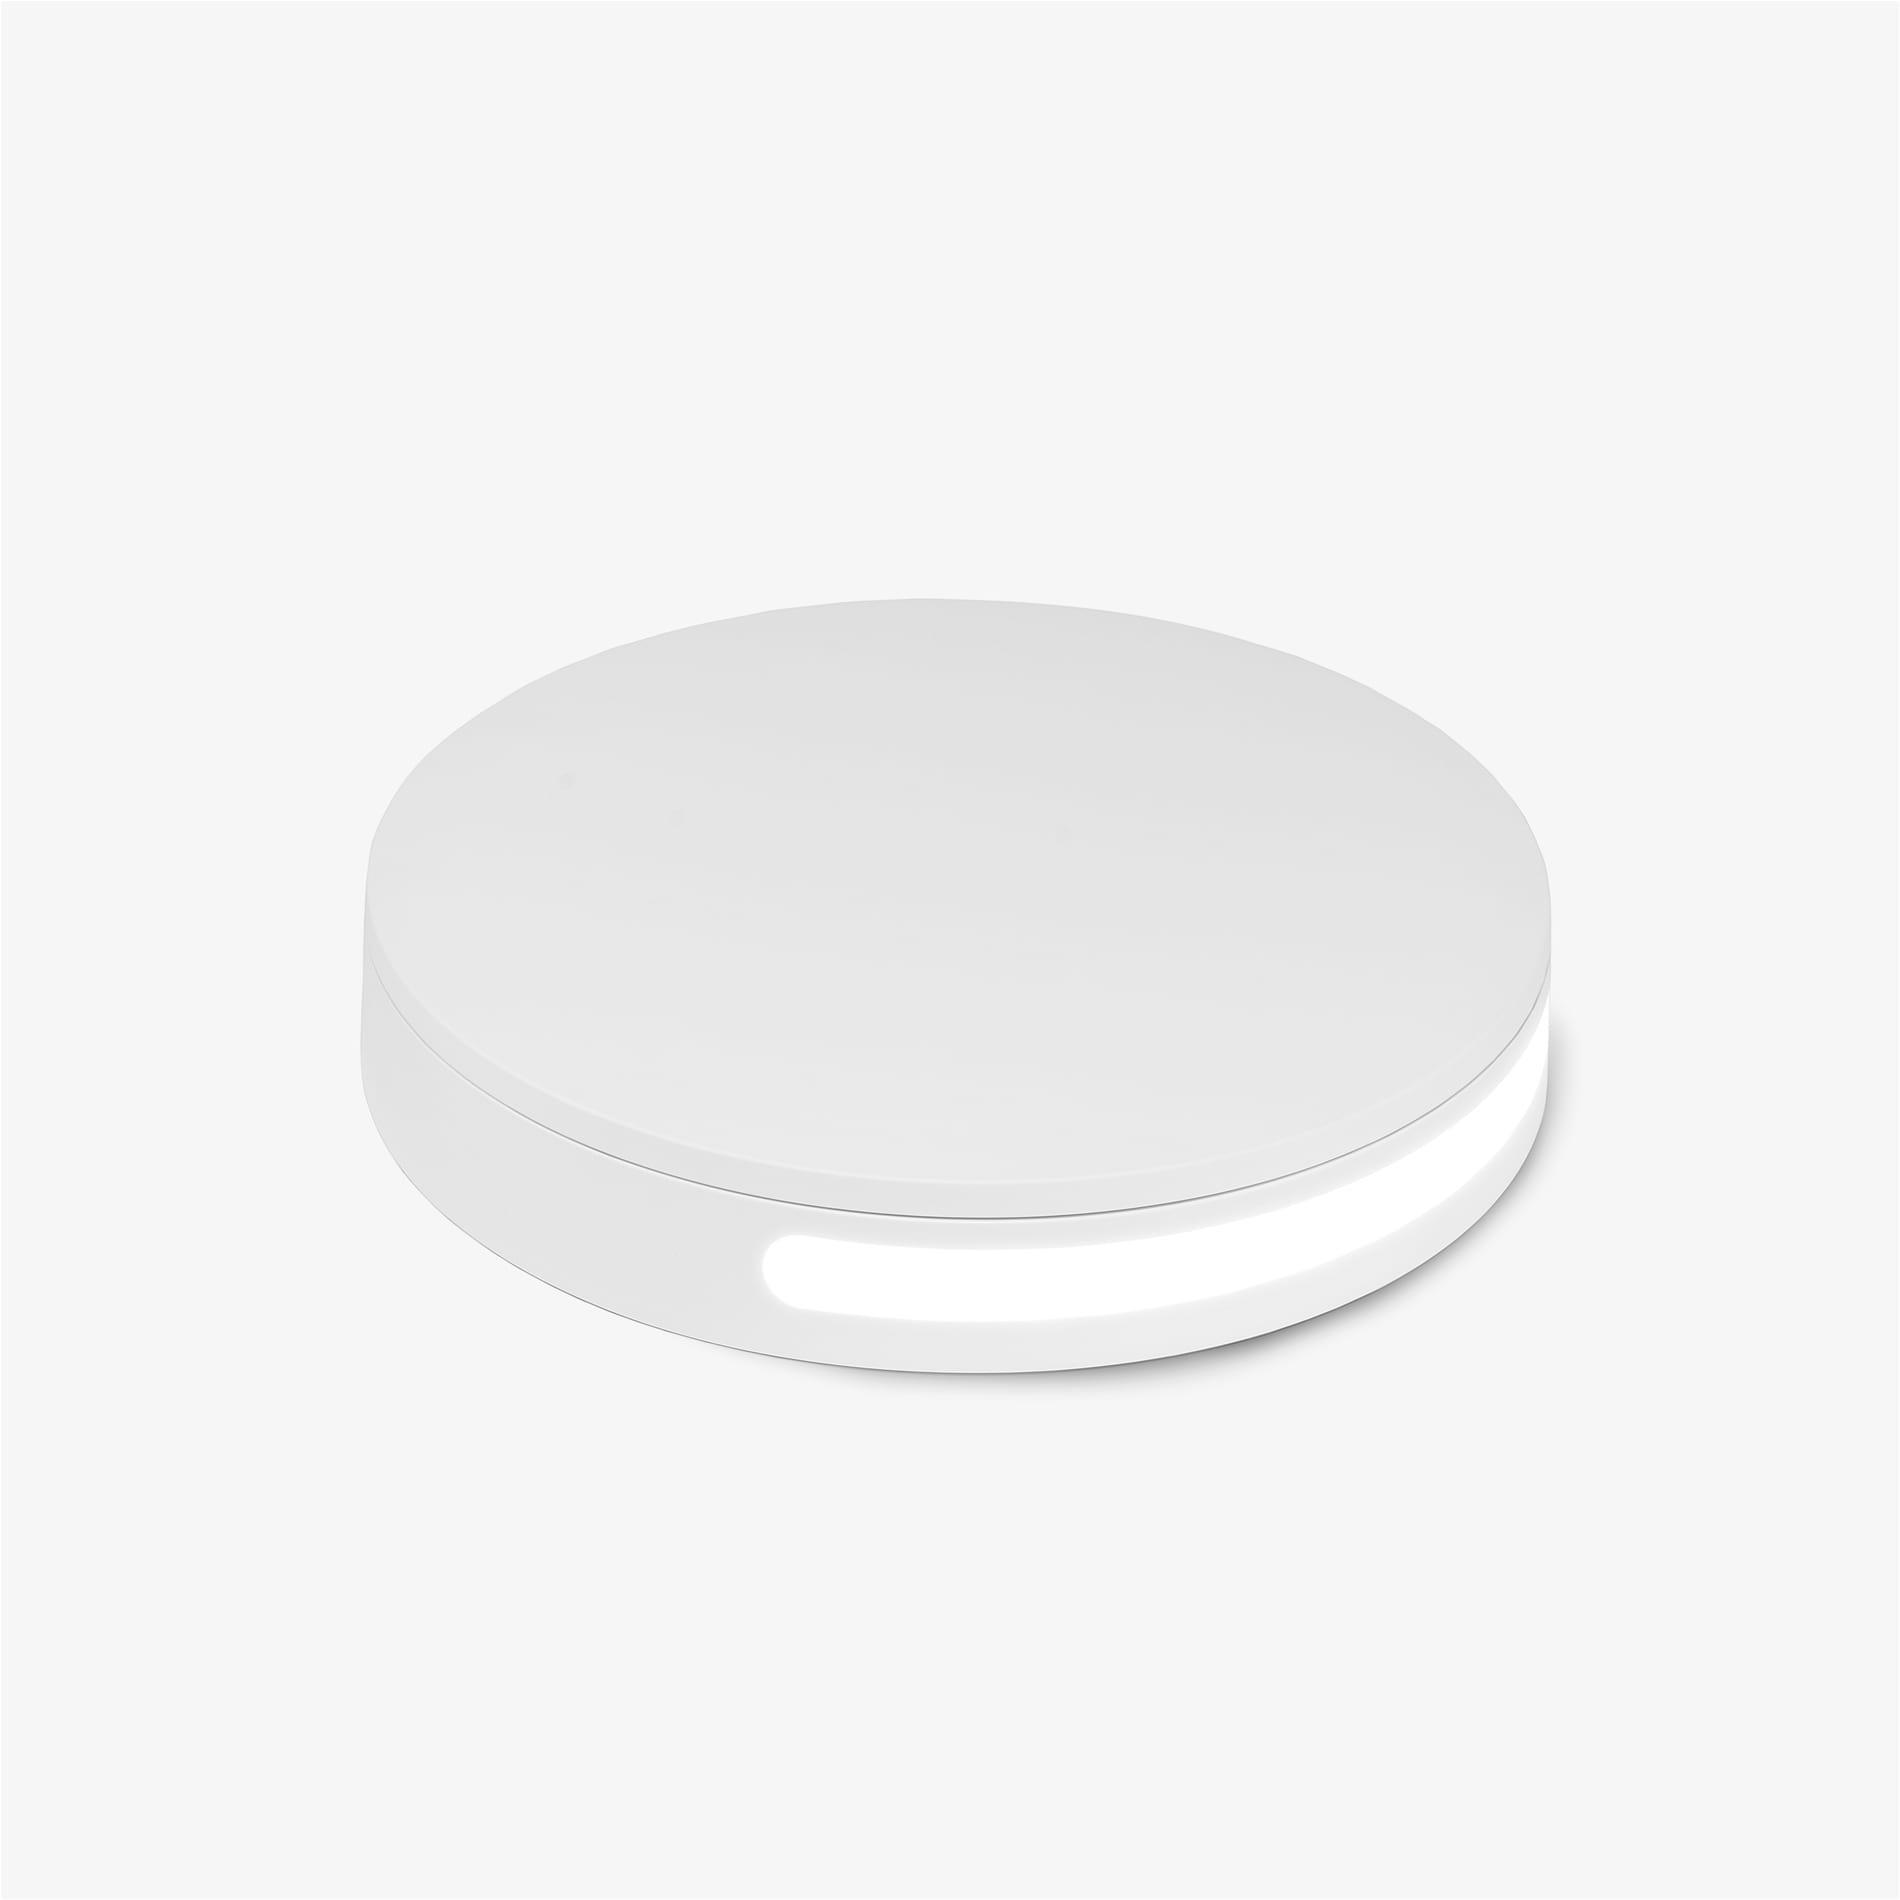 folfio-360-smart-turntable